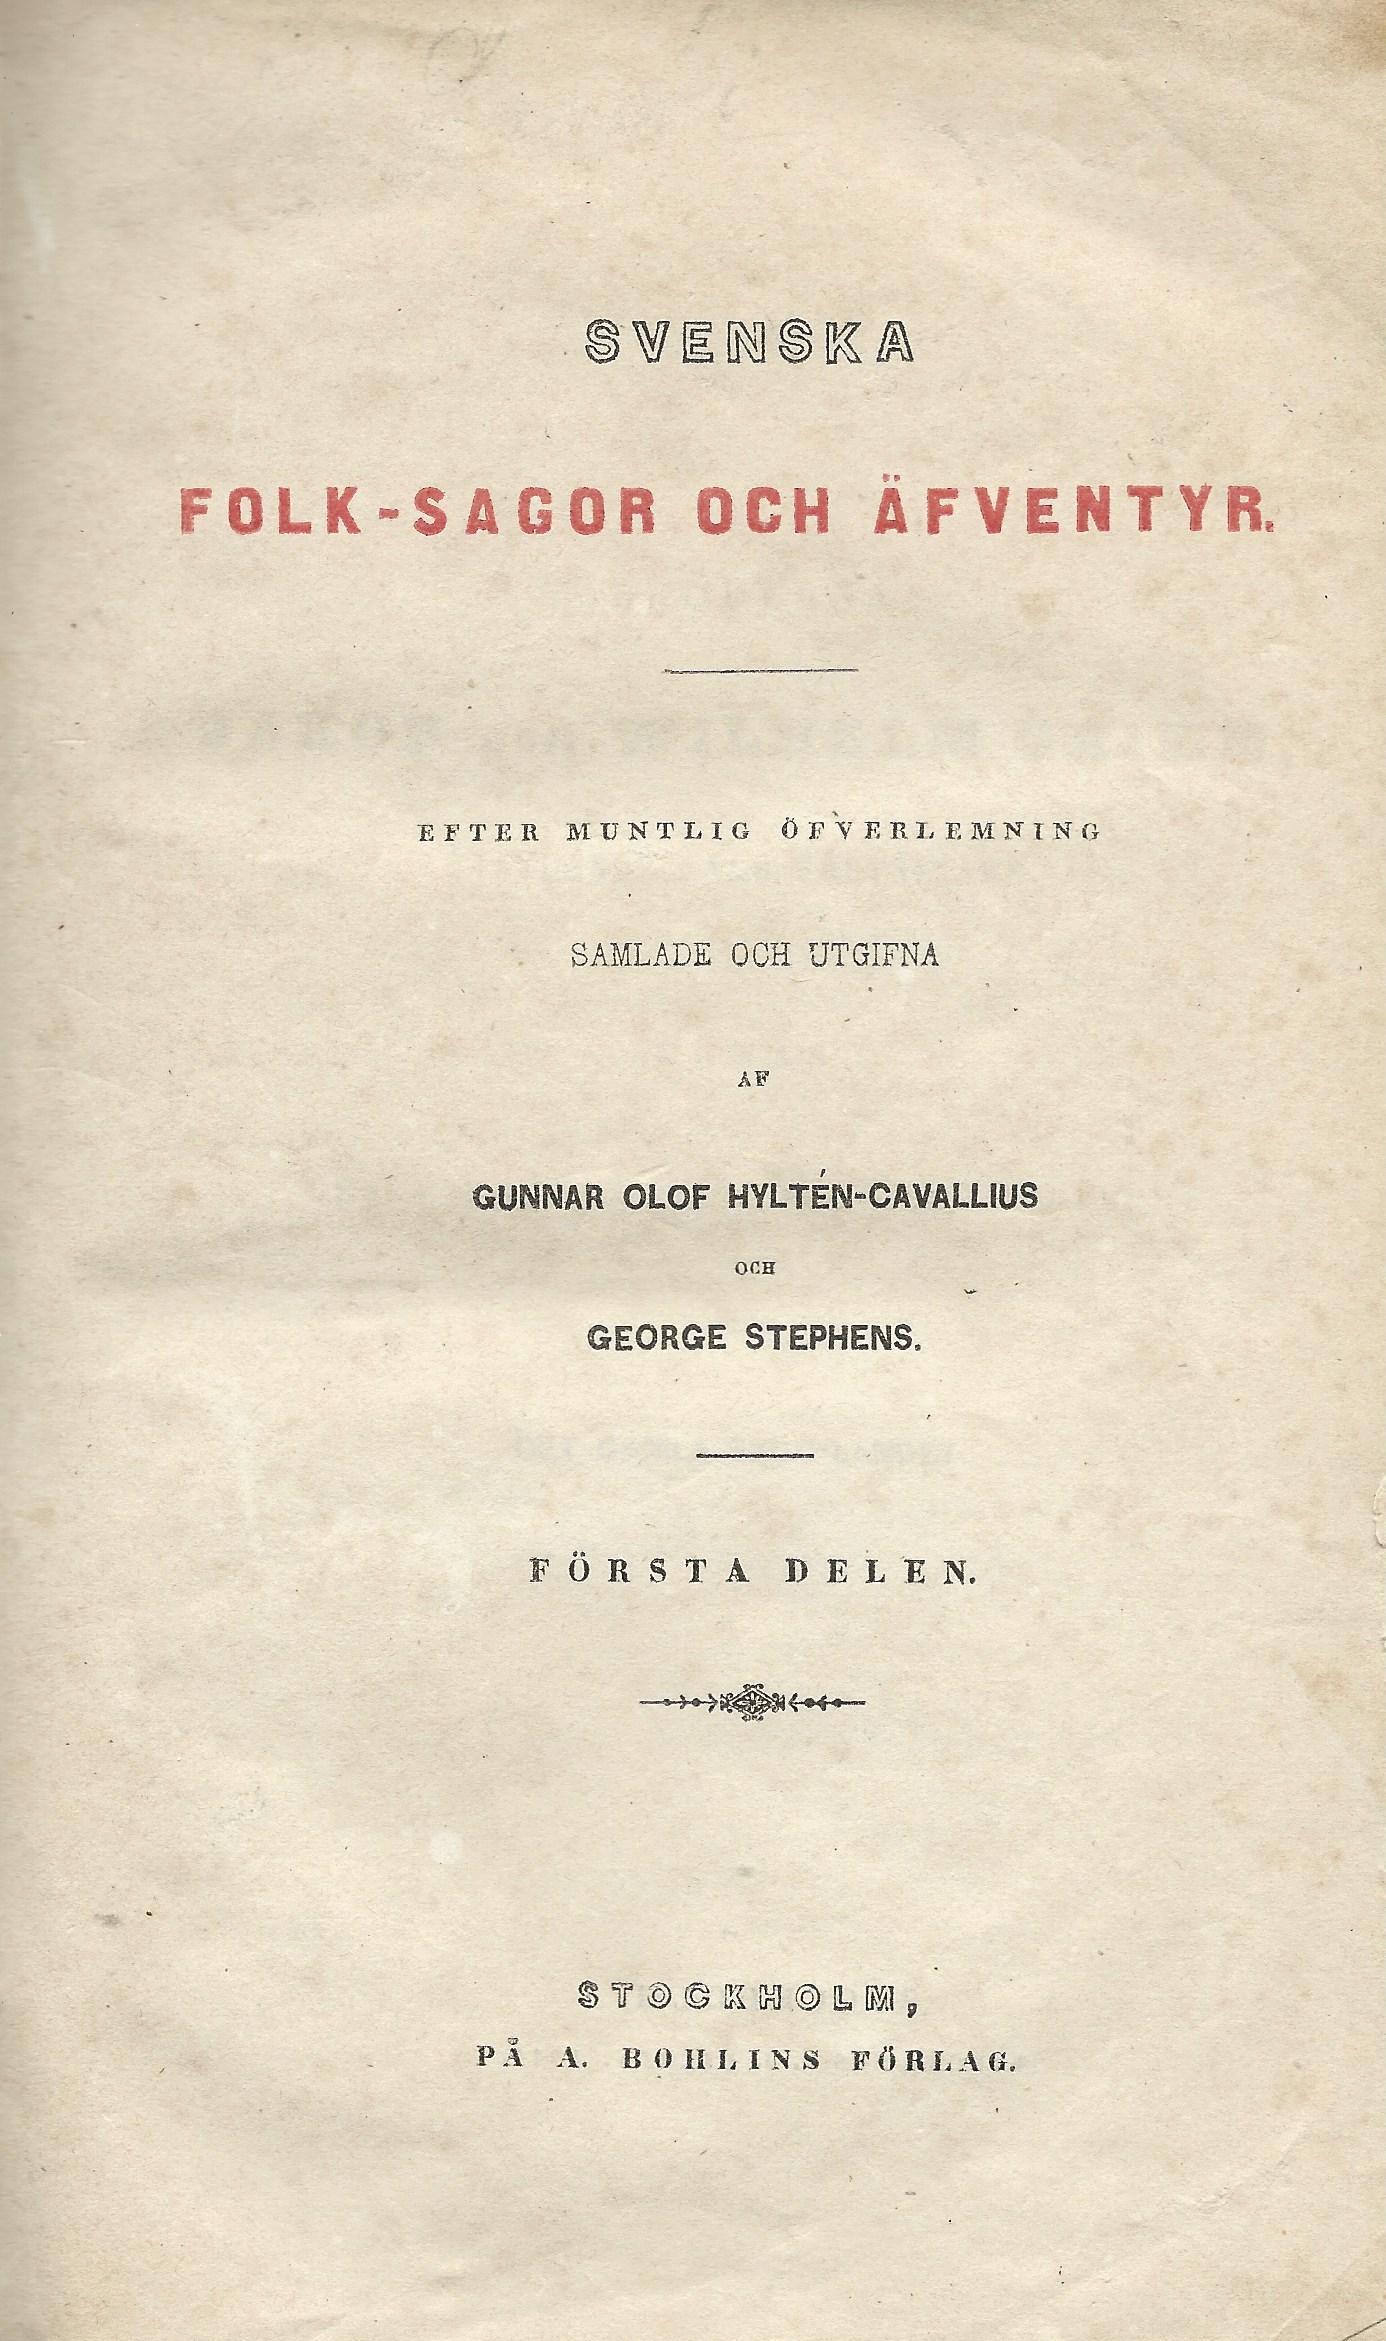 Svenska folksagor titelblad